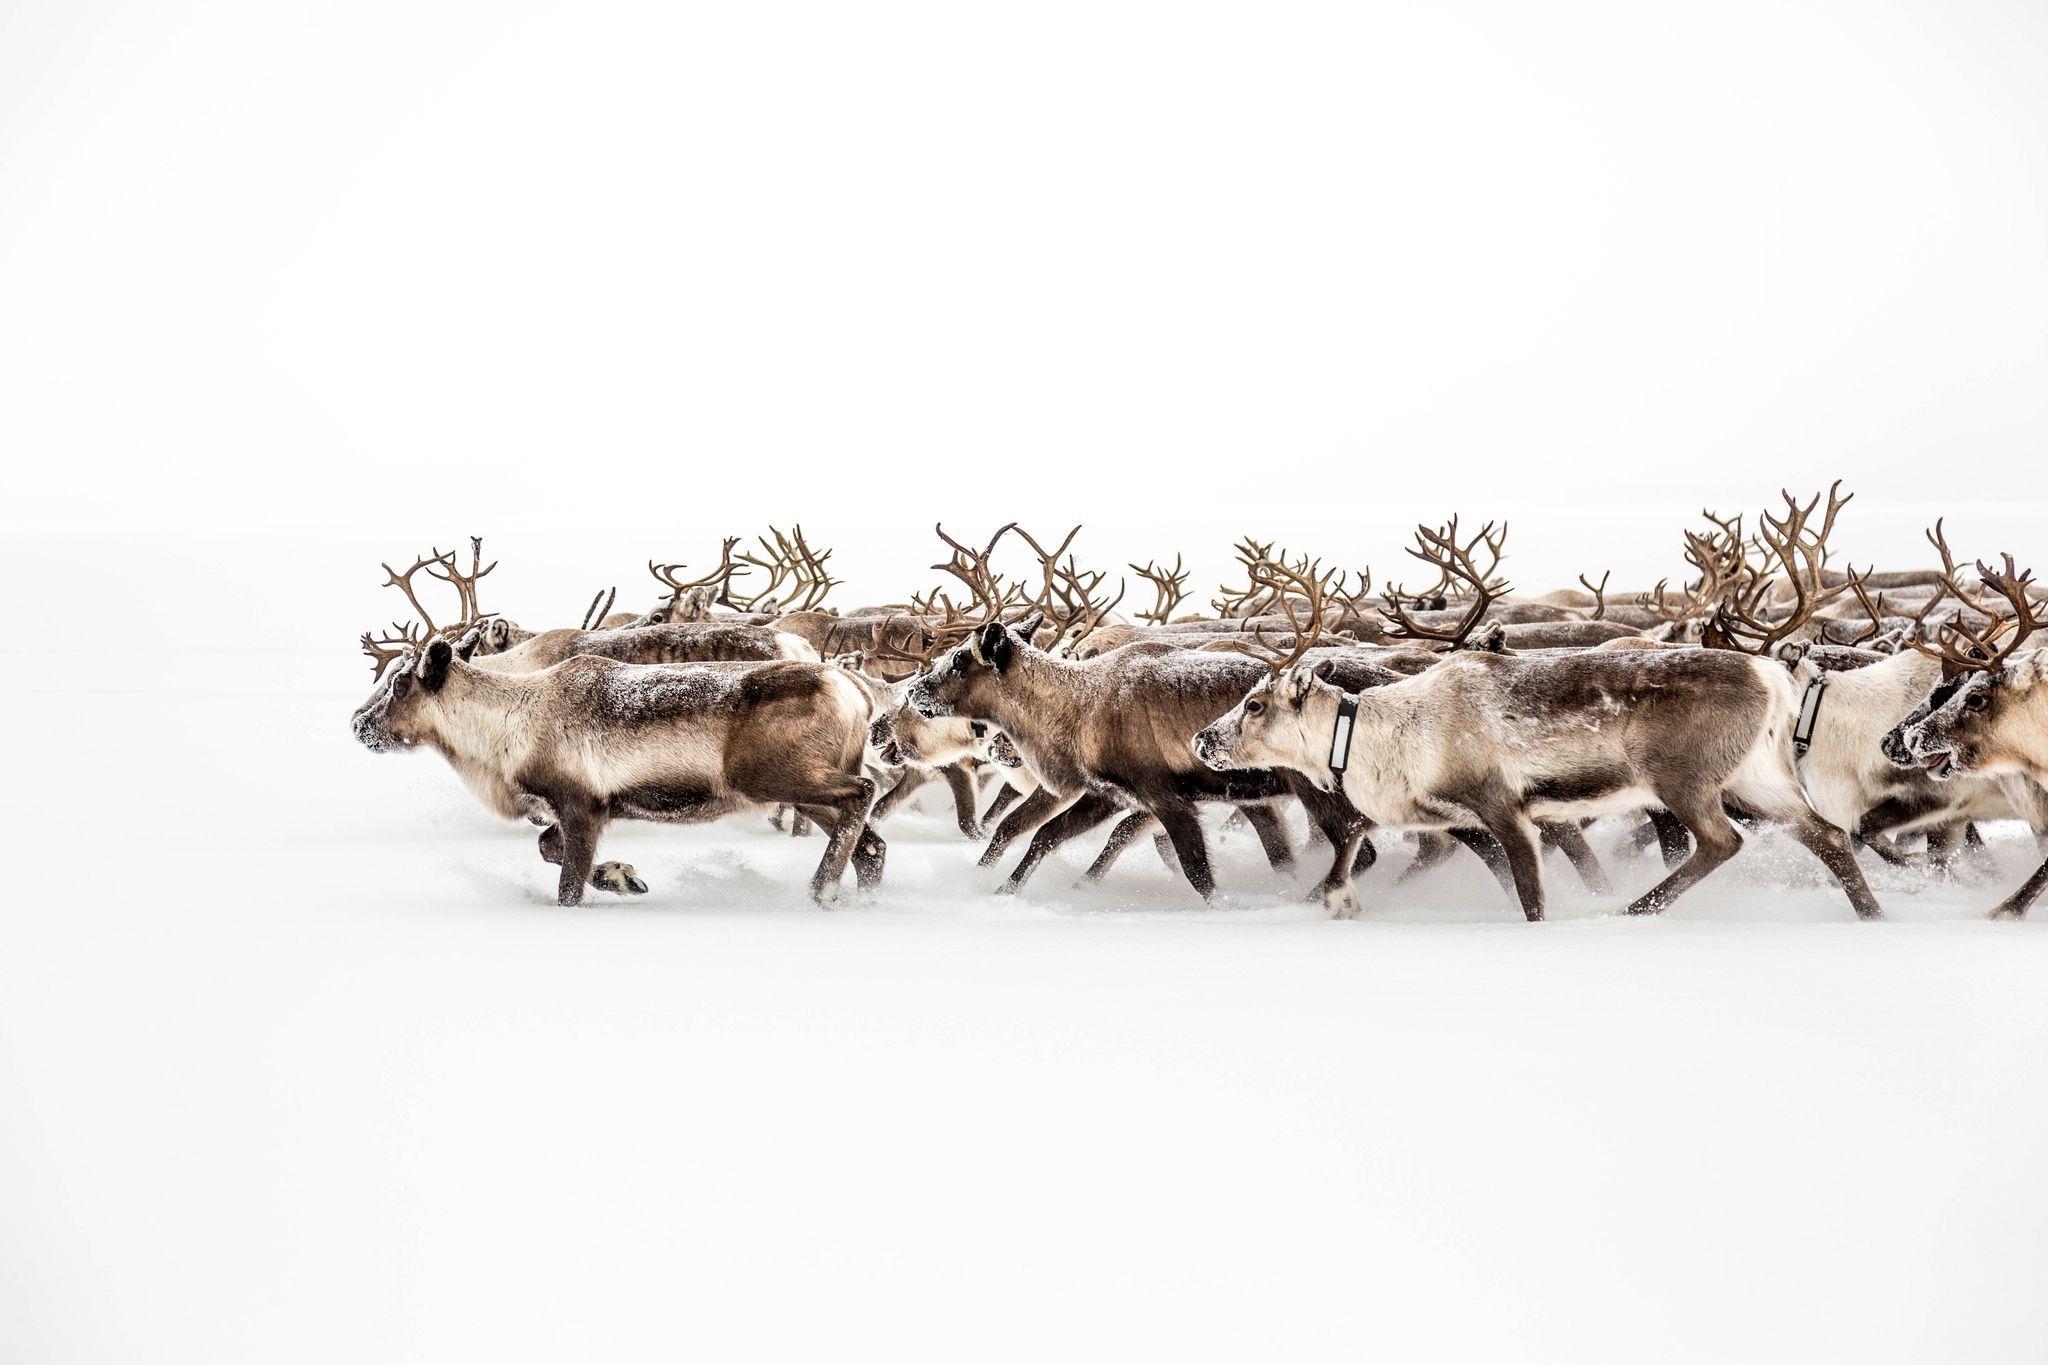 Deers in snow